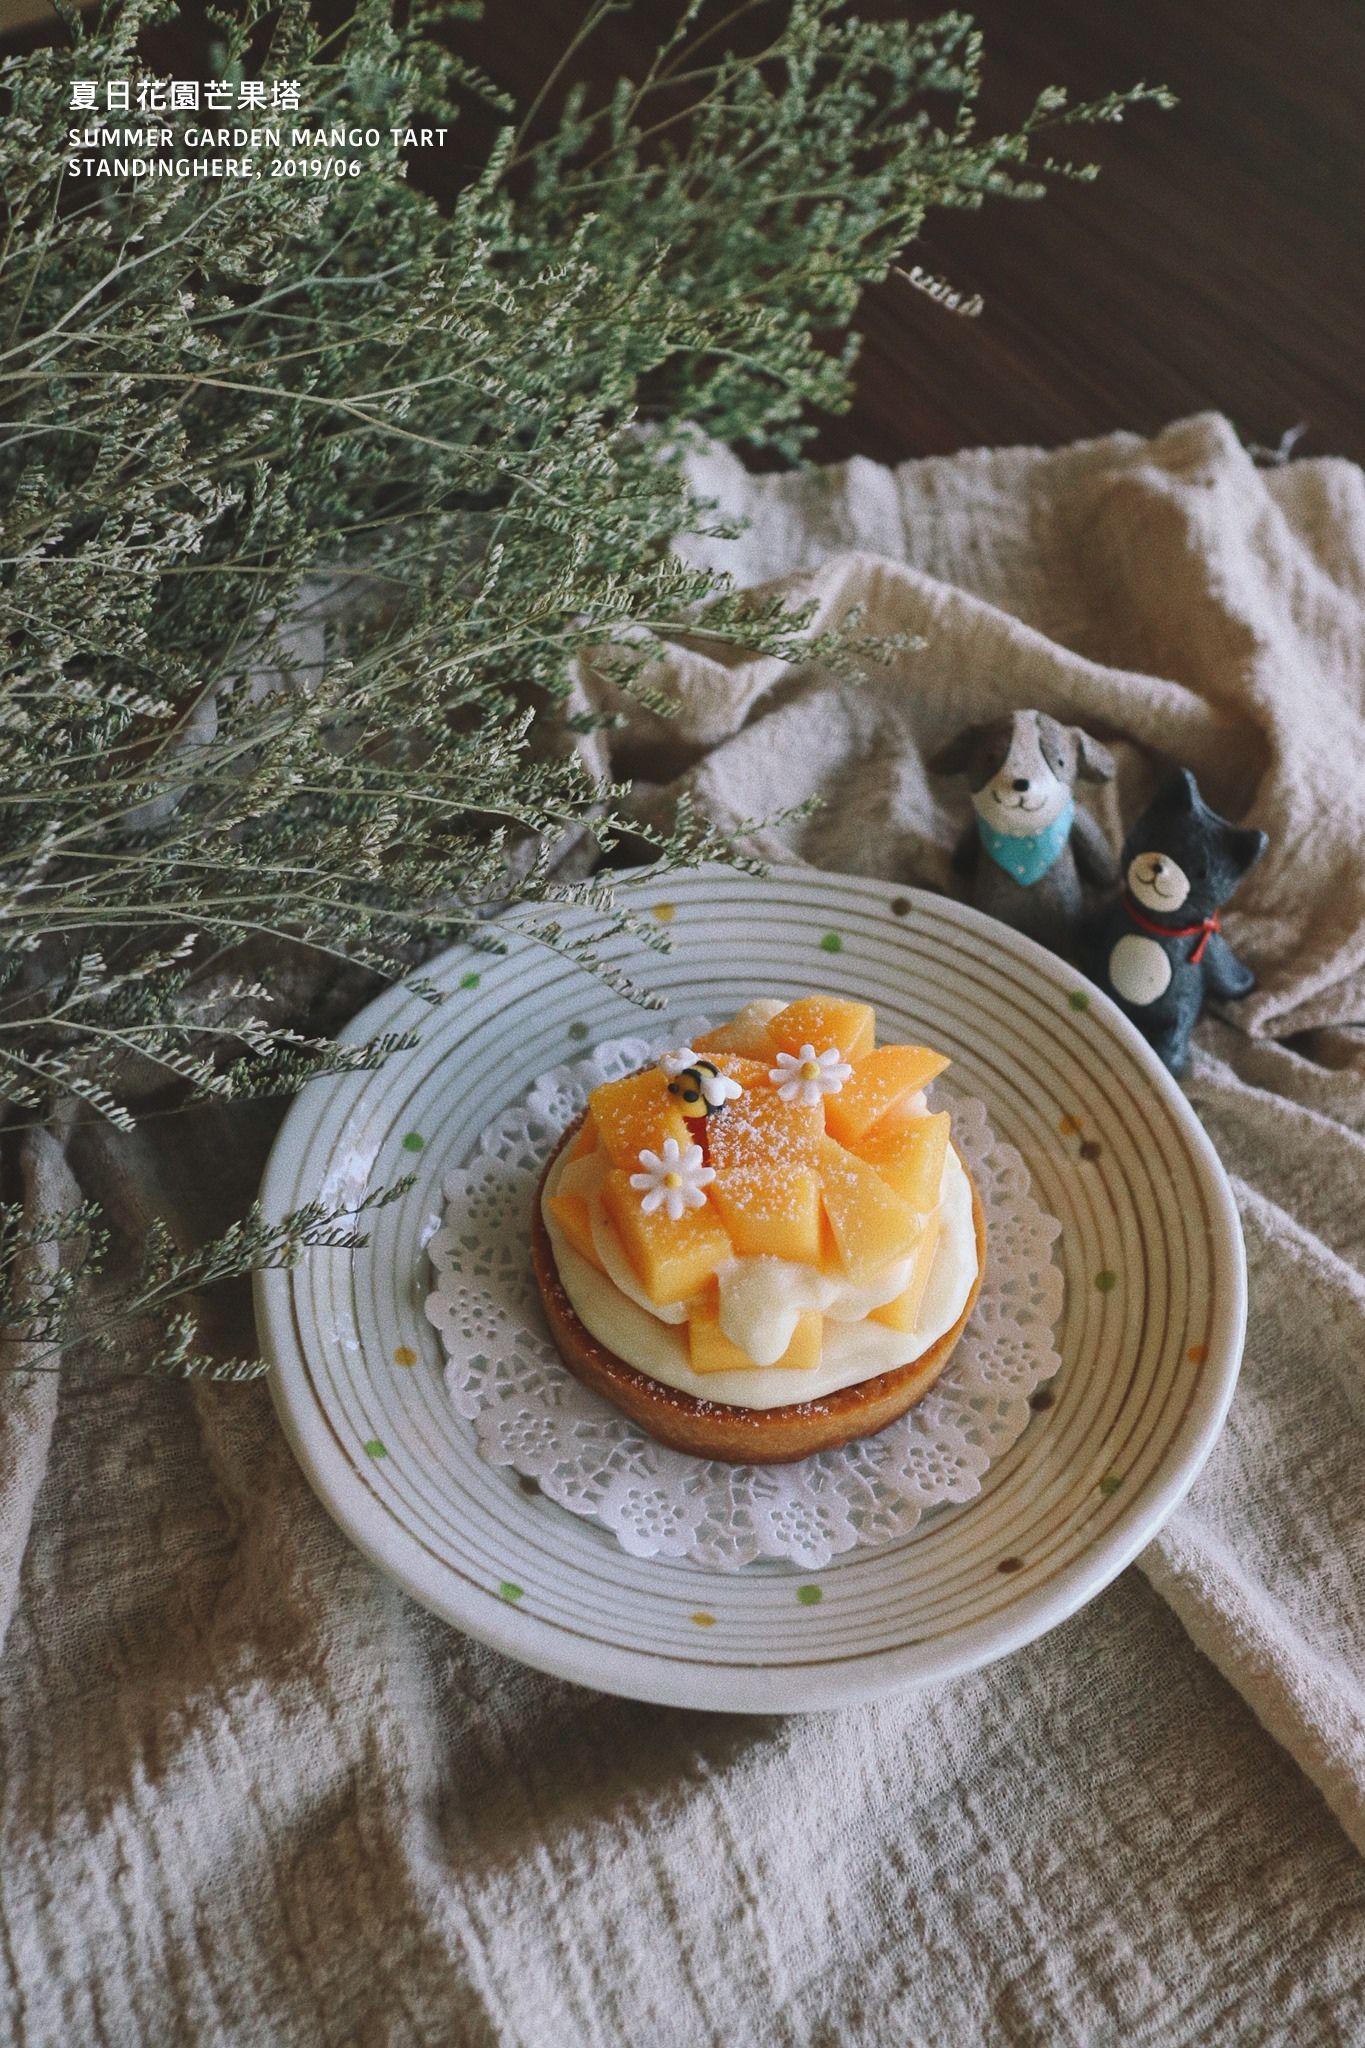 7-cake-夏日芒果塔.jpg